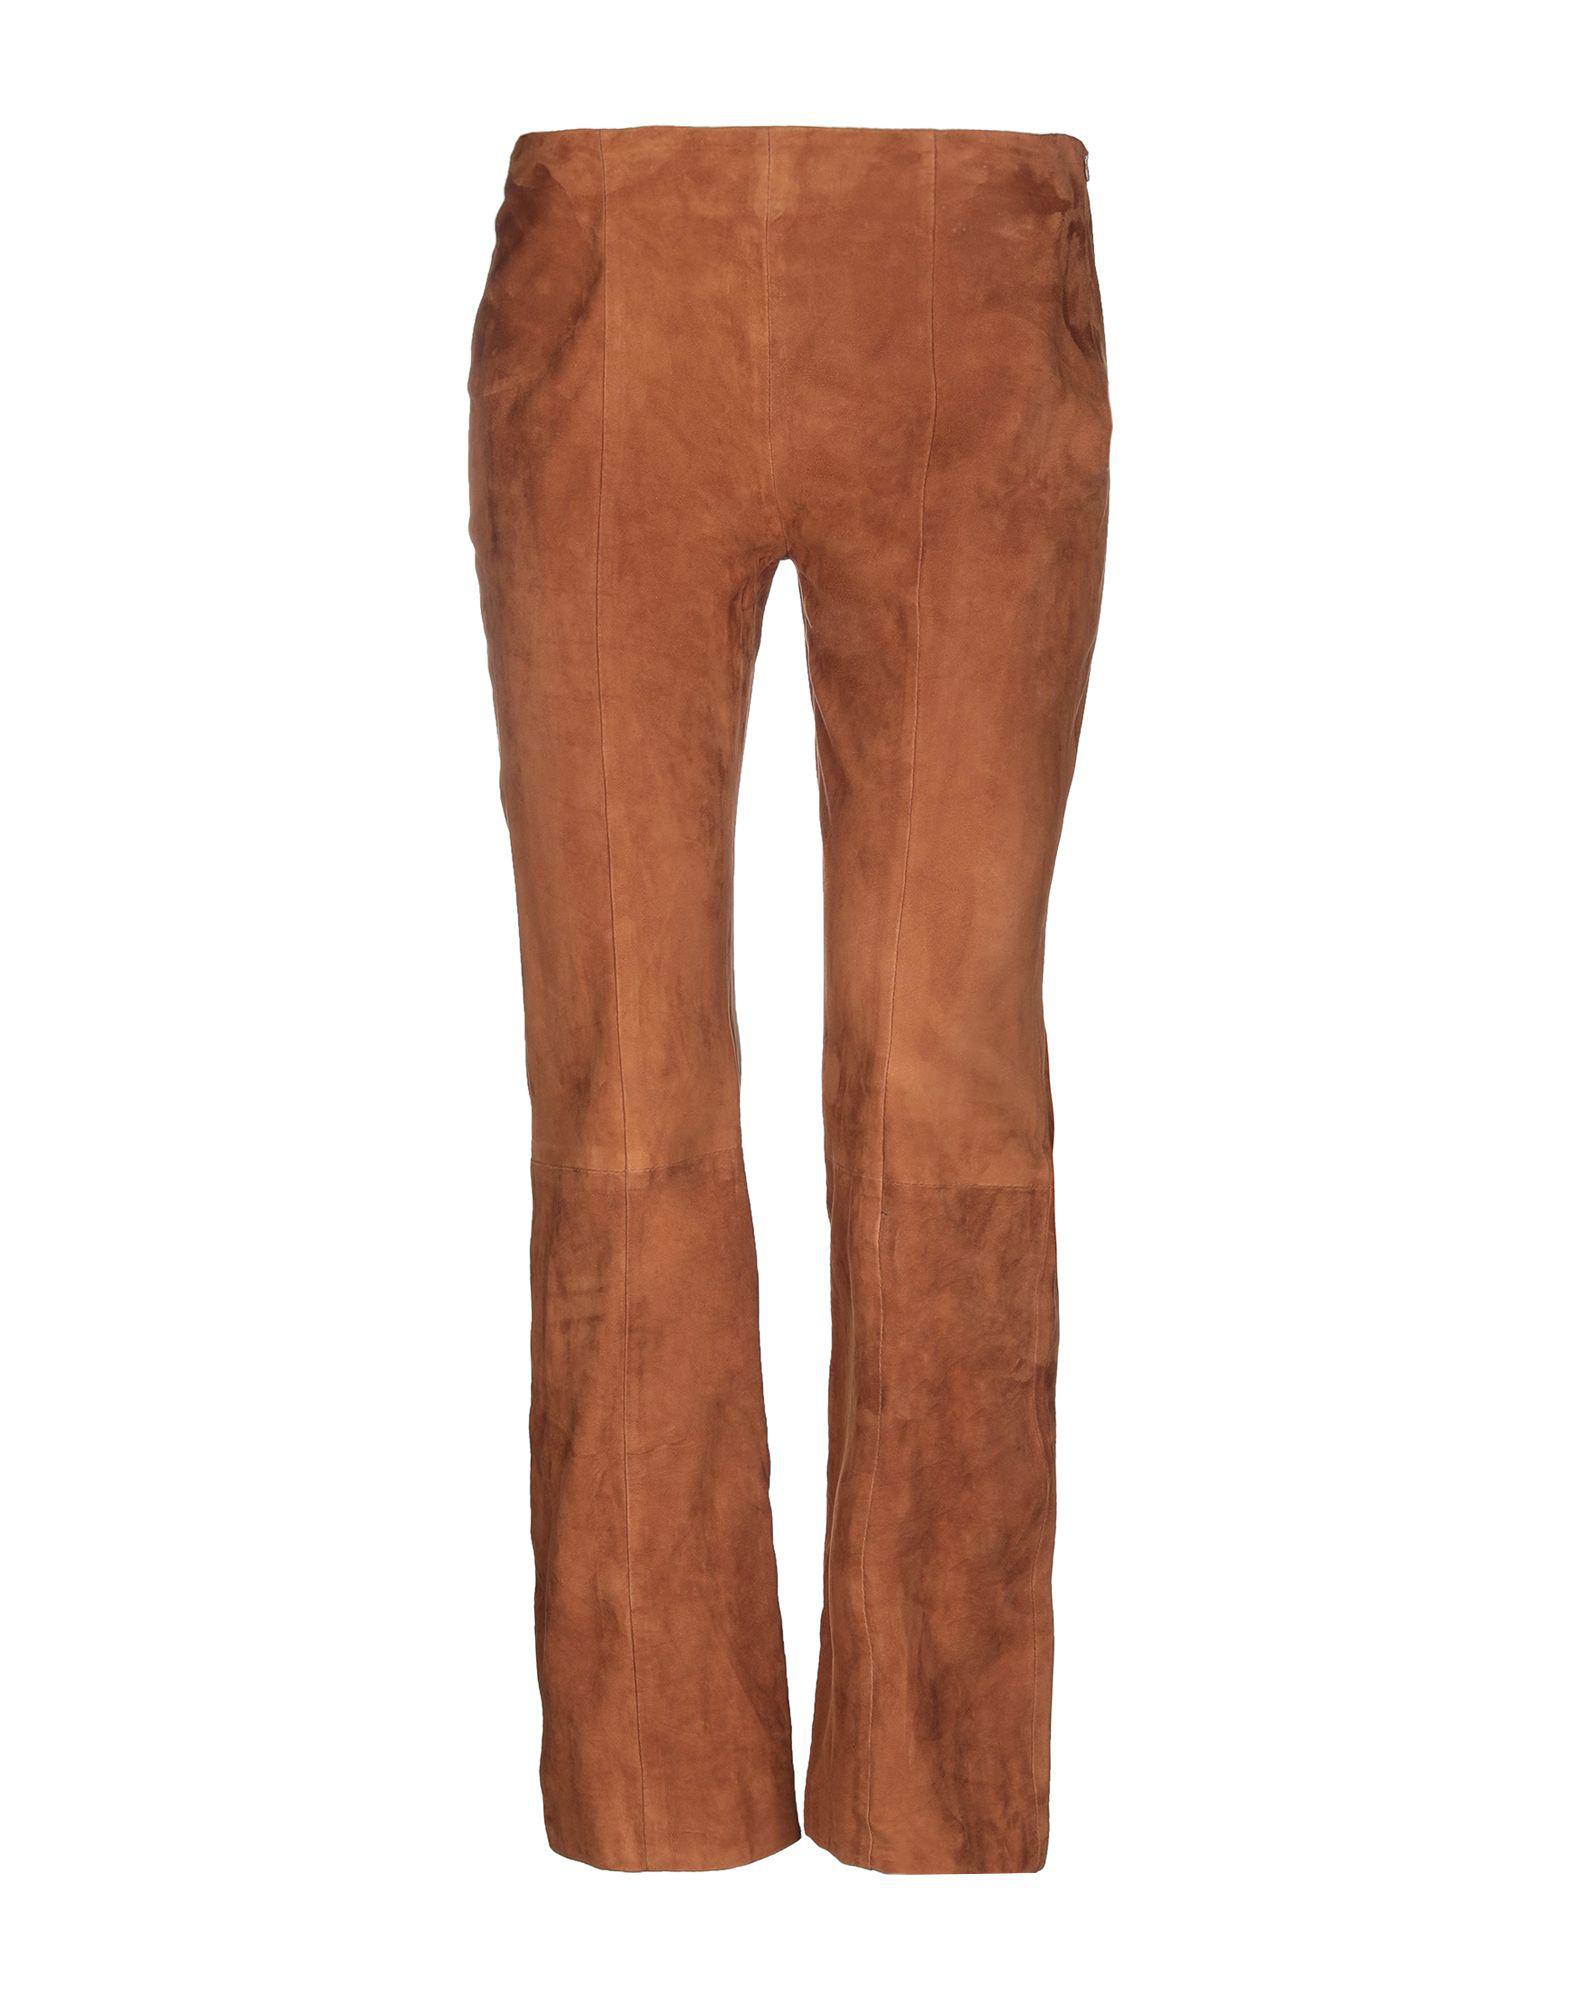 Iris & Ink Casual Pants In Brown